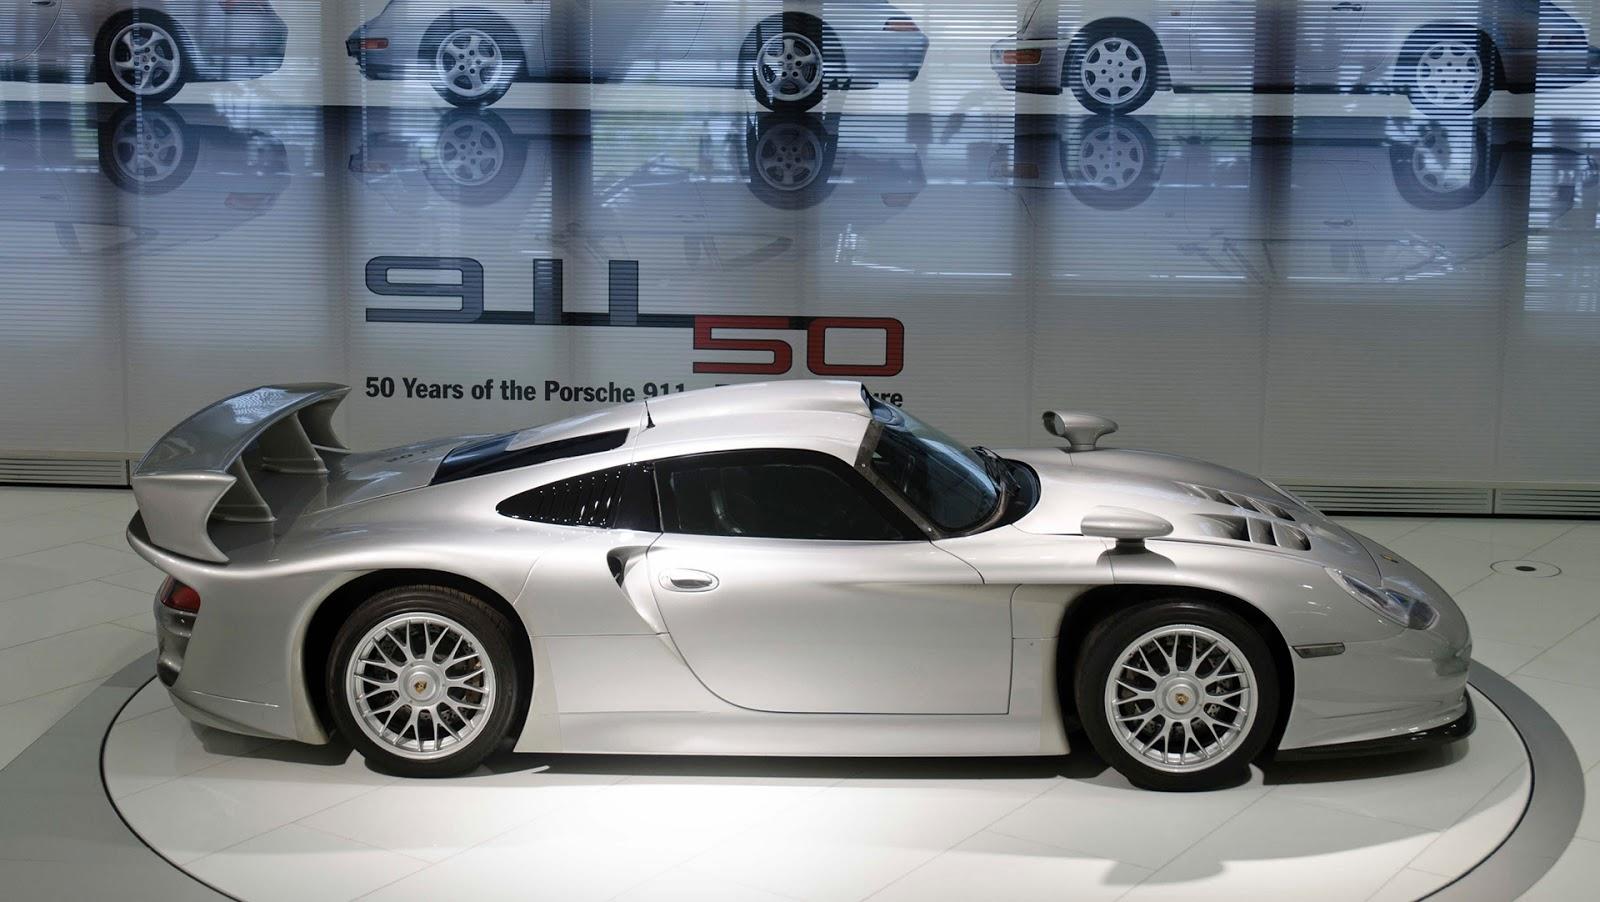 911 gt1 1997 porsche ag 1 Τα 7 super sport αυτοκίνητα της Porsche απο το 1953 μέχρι σήμερα Classic, Porsche, Porsche 550 Spyder, Porsche 904 Carrera GTS, Porsche 911 GT1, Porsche 911 Turbo, Porsche 918 Spyder, Porsche 959, Porsche Carrera GT